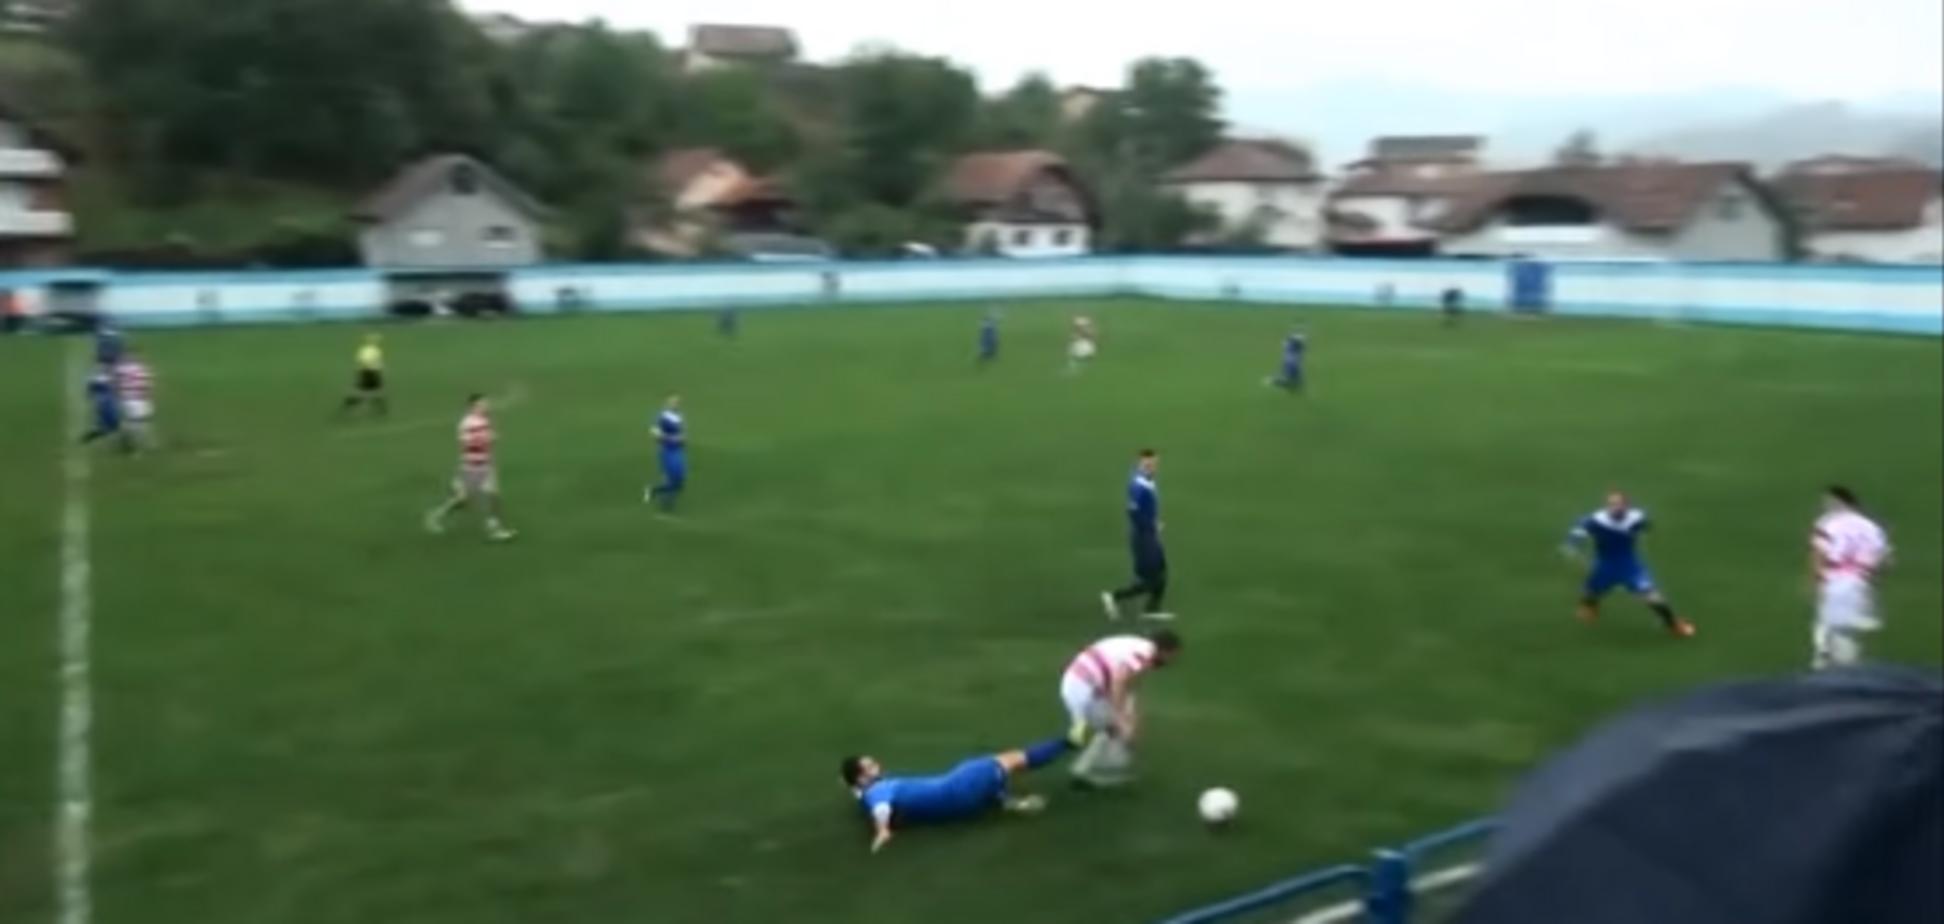 Боснийский футболист получил жуткую травму во время матча, лишившись яичка: появилось видео инцидента